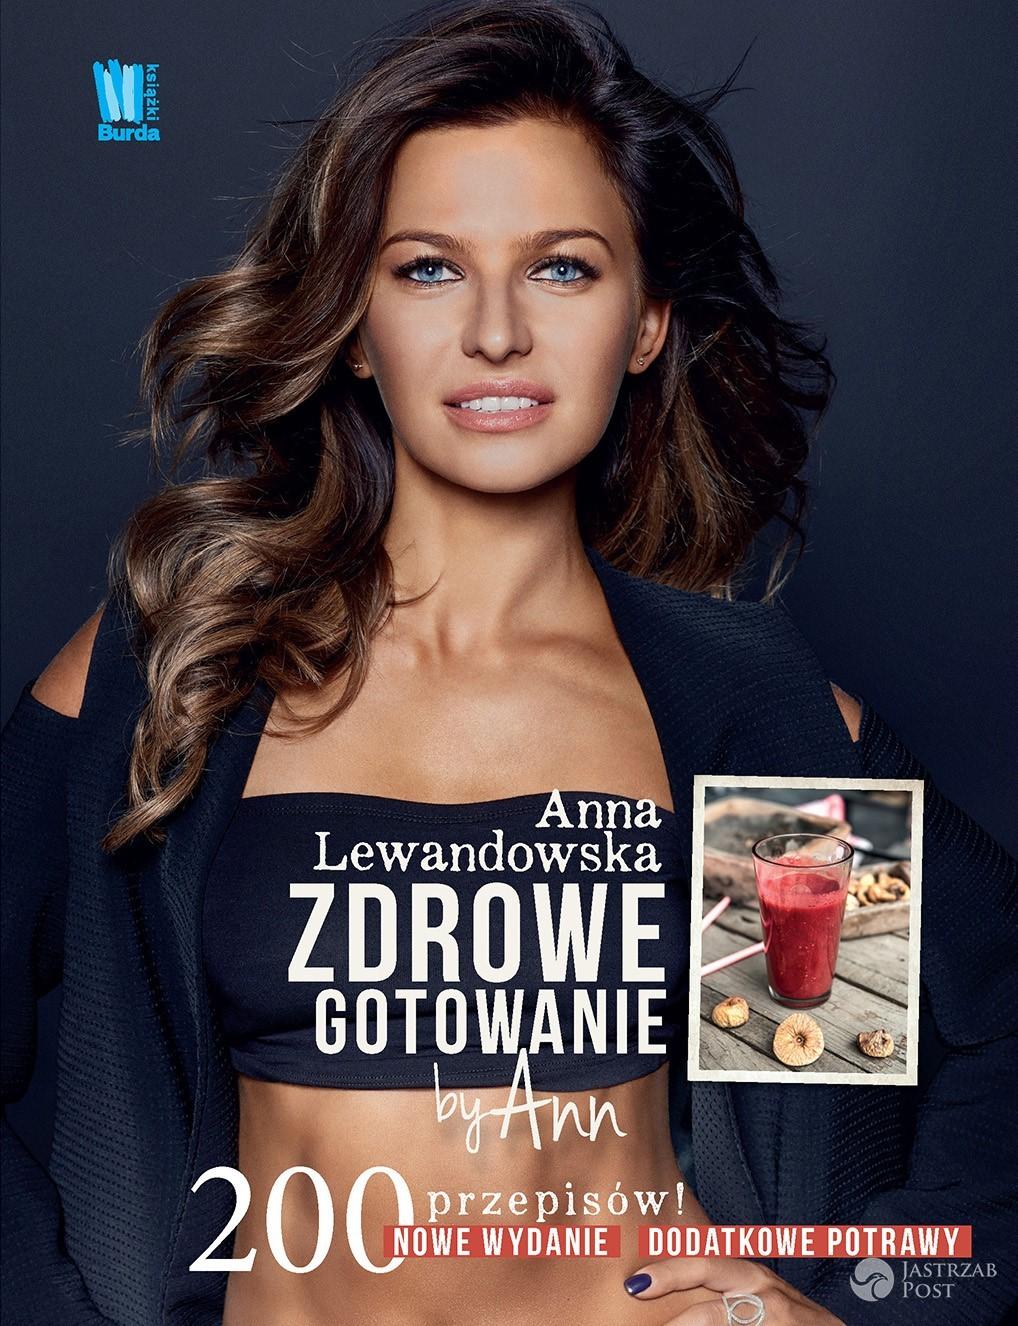 Anna Lewandowska ma zeza na okładce książki?